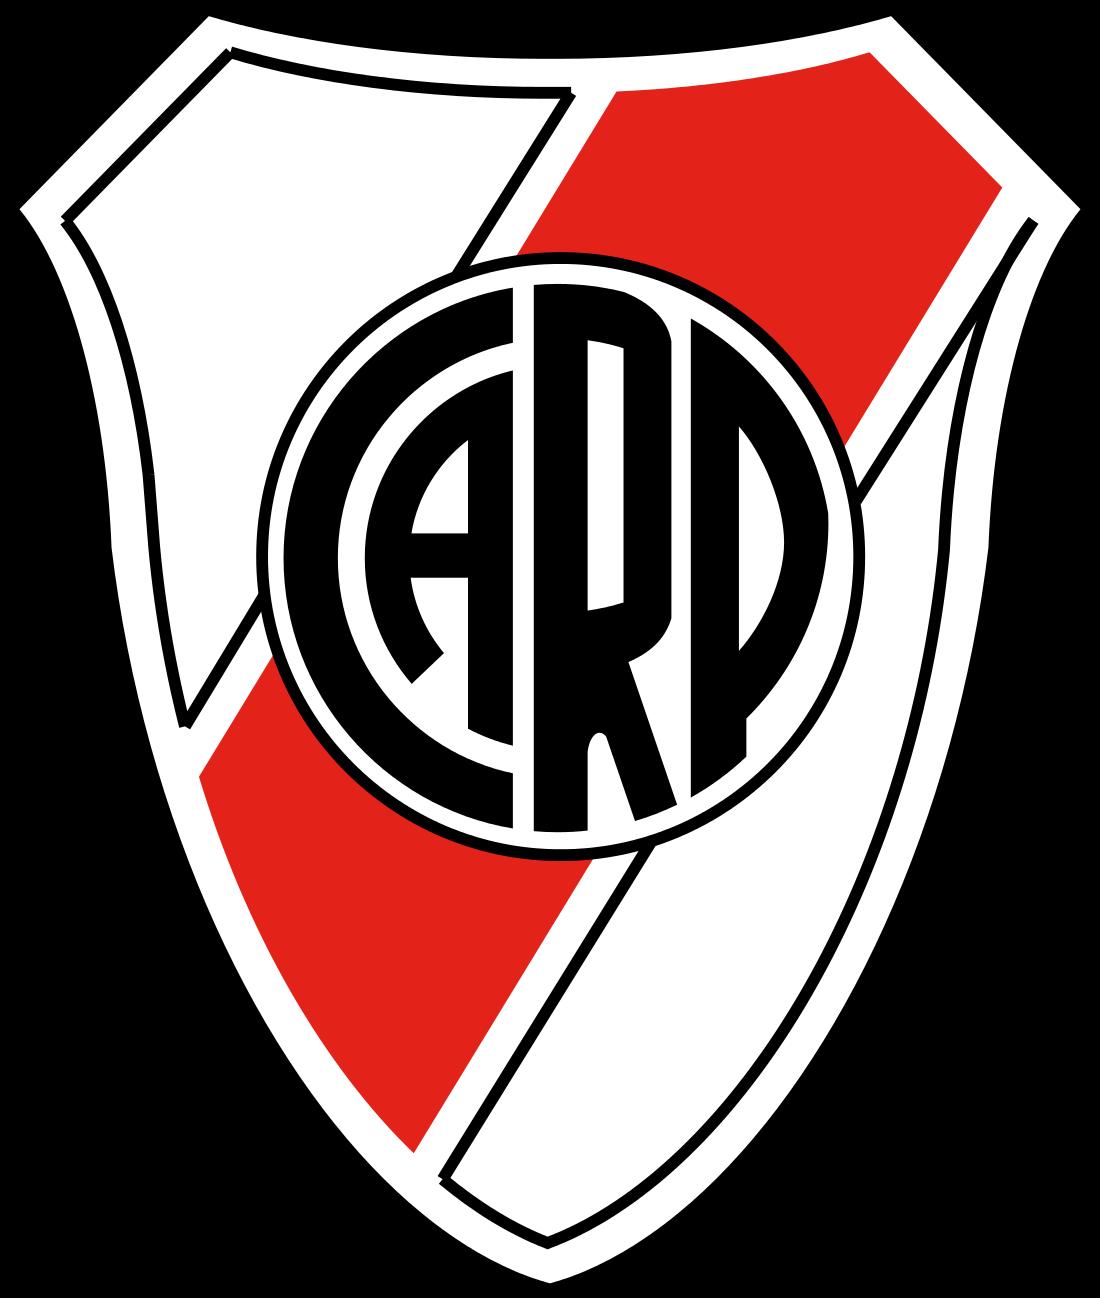 river plate logo 1 - River Plate Logo - Club Atlético River Plate Escudo